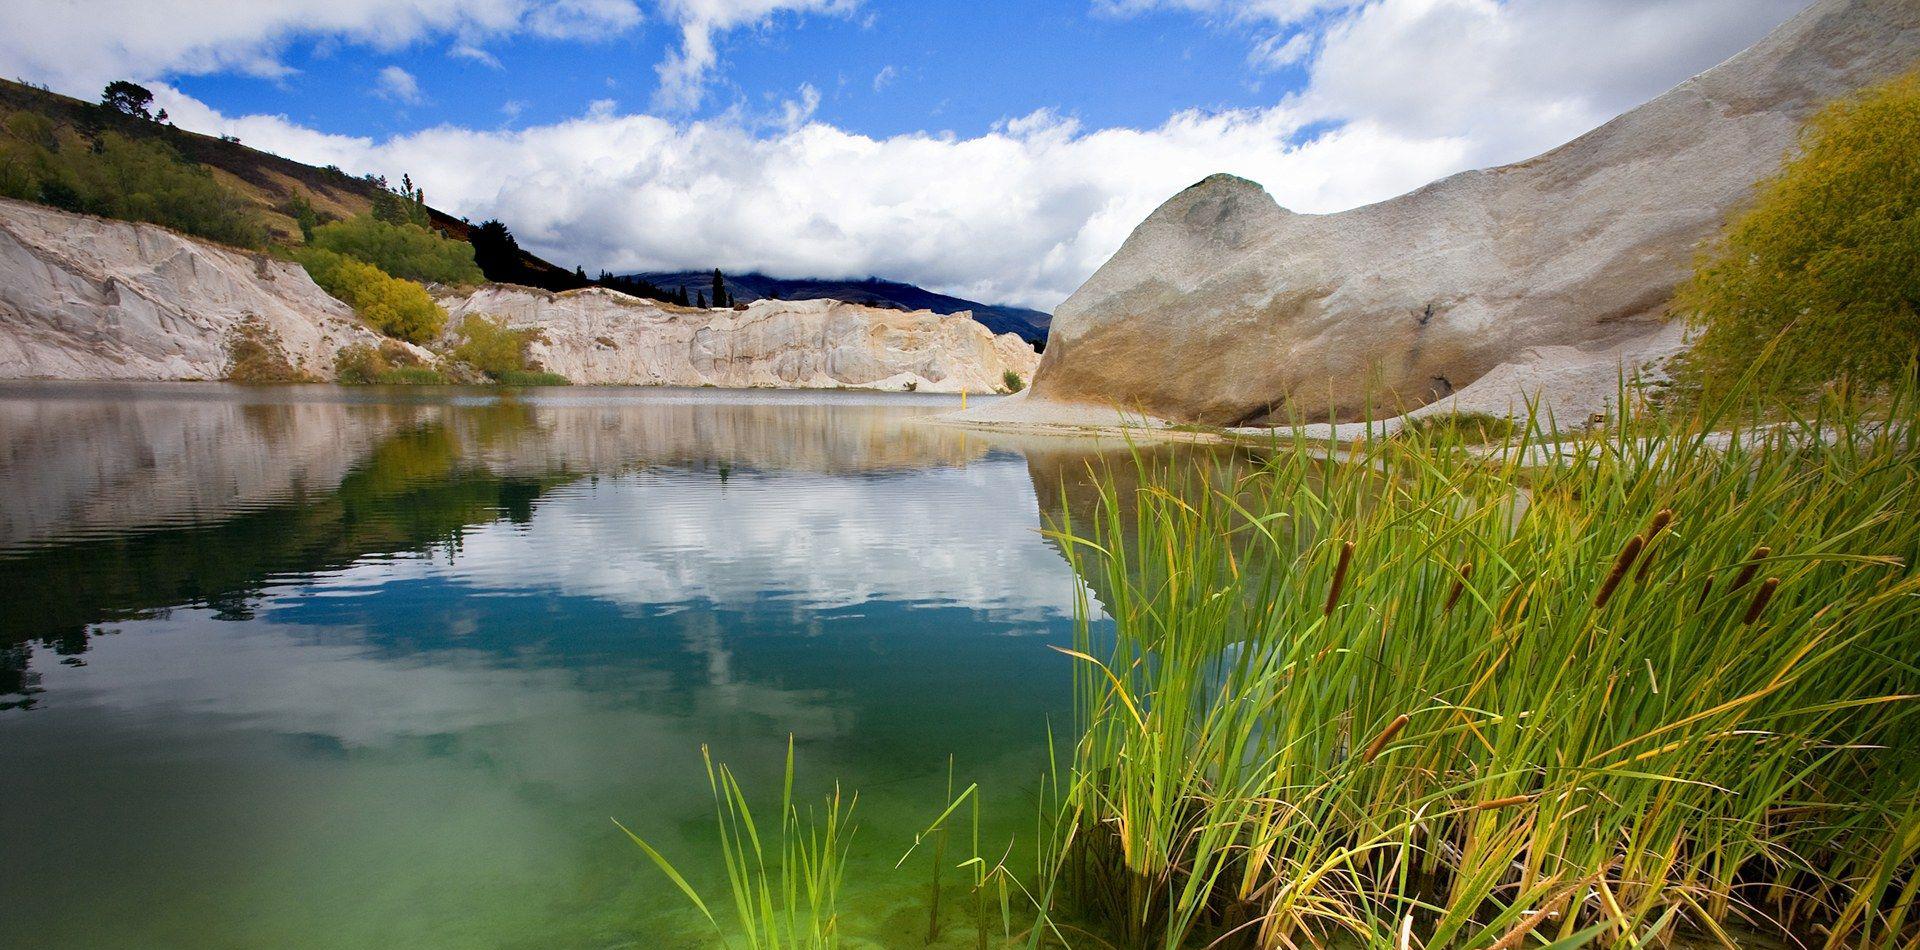 Магическая красота нетронутой природы Новой Зеландии